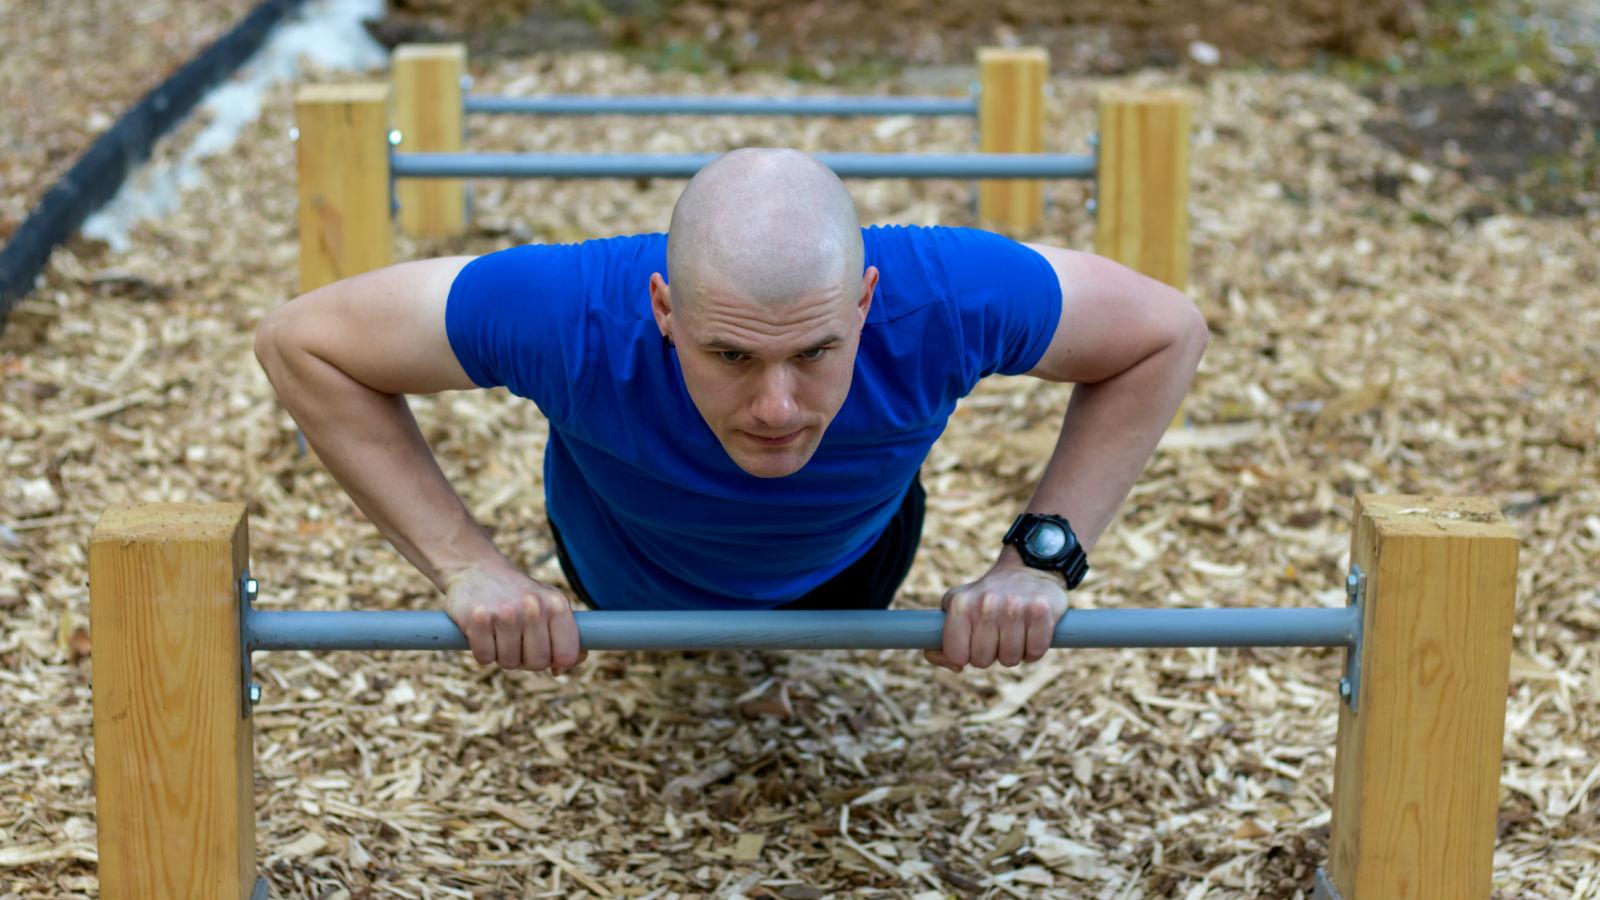 El ejercicio es bueno para luchar contra el cáncer